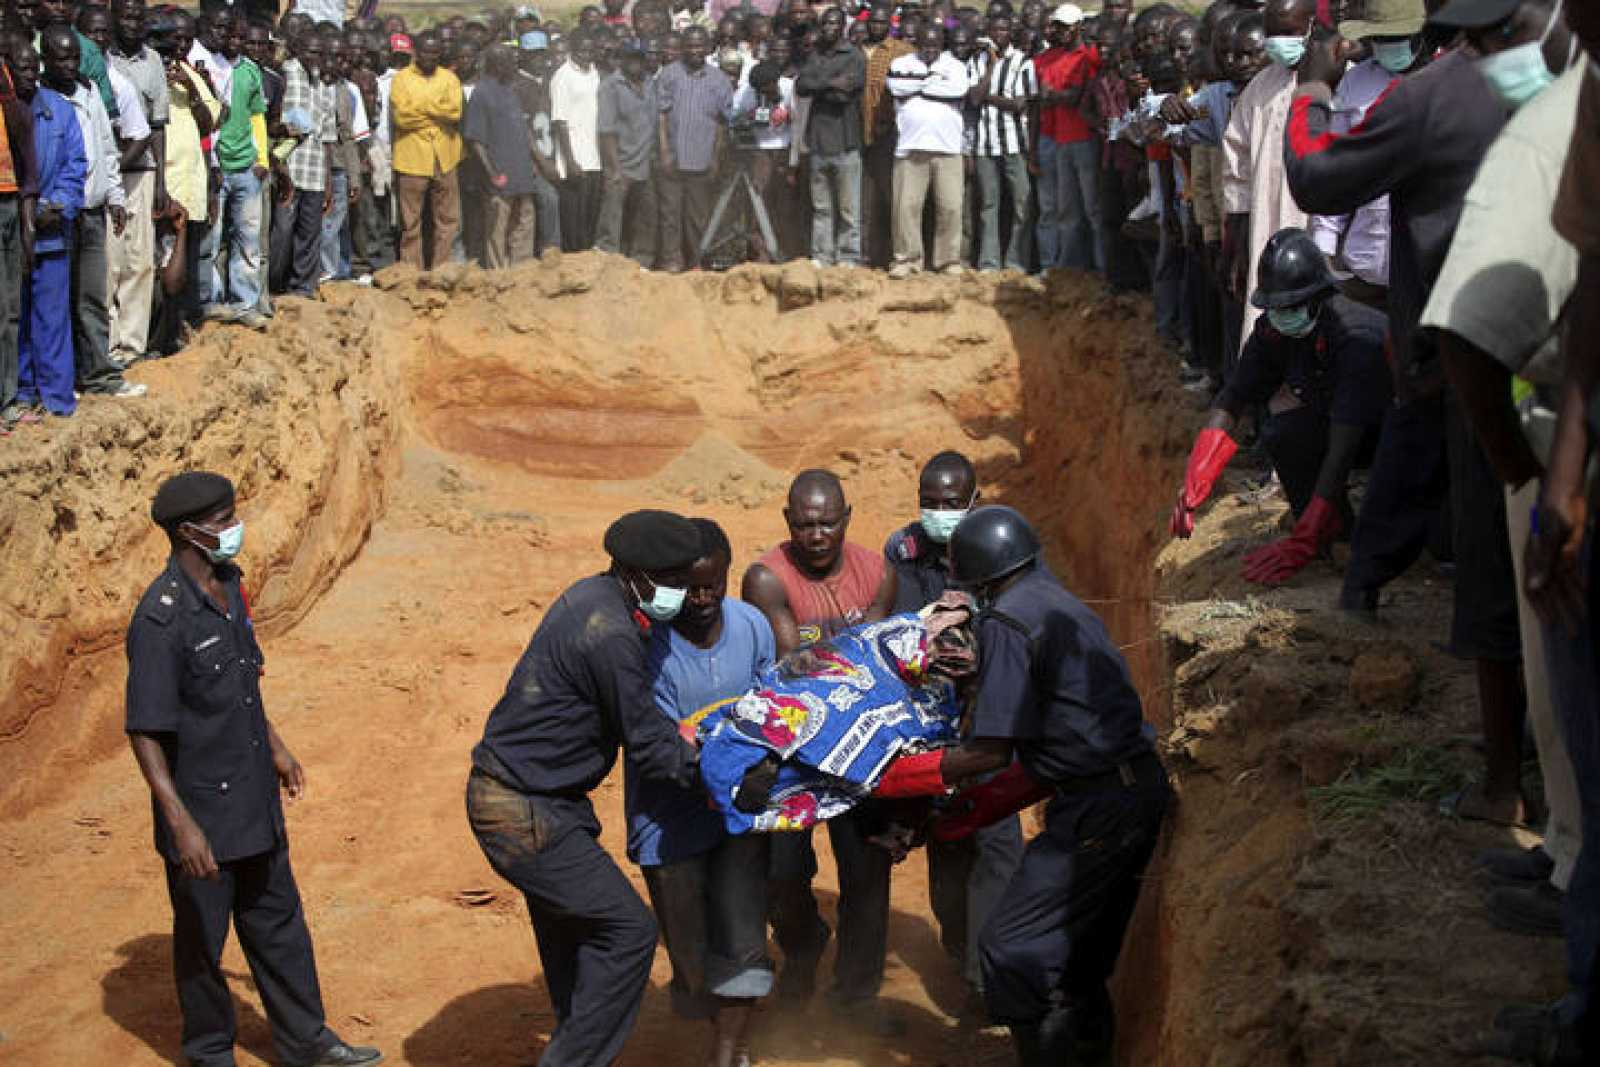 Las víctimas de la matanza de cristianos en Jos son enterradas por sus familiares y vecinos.